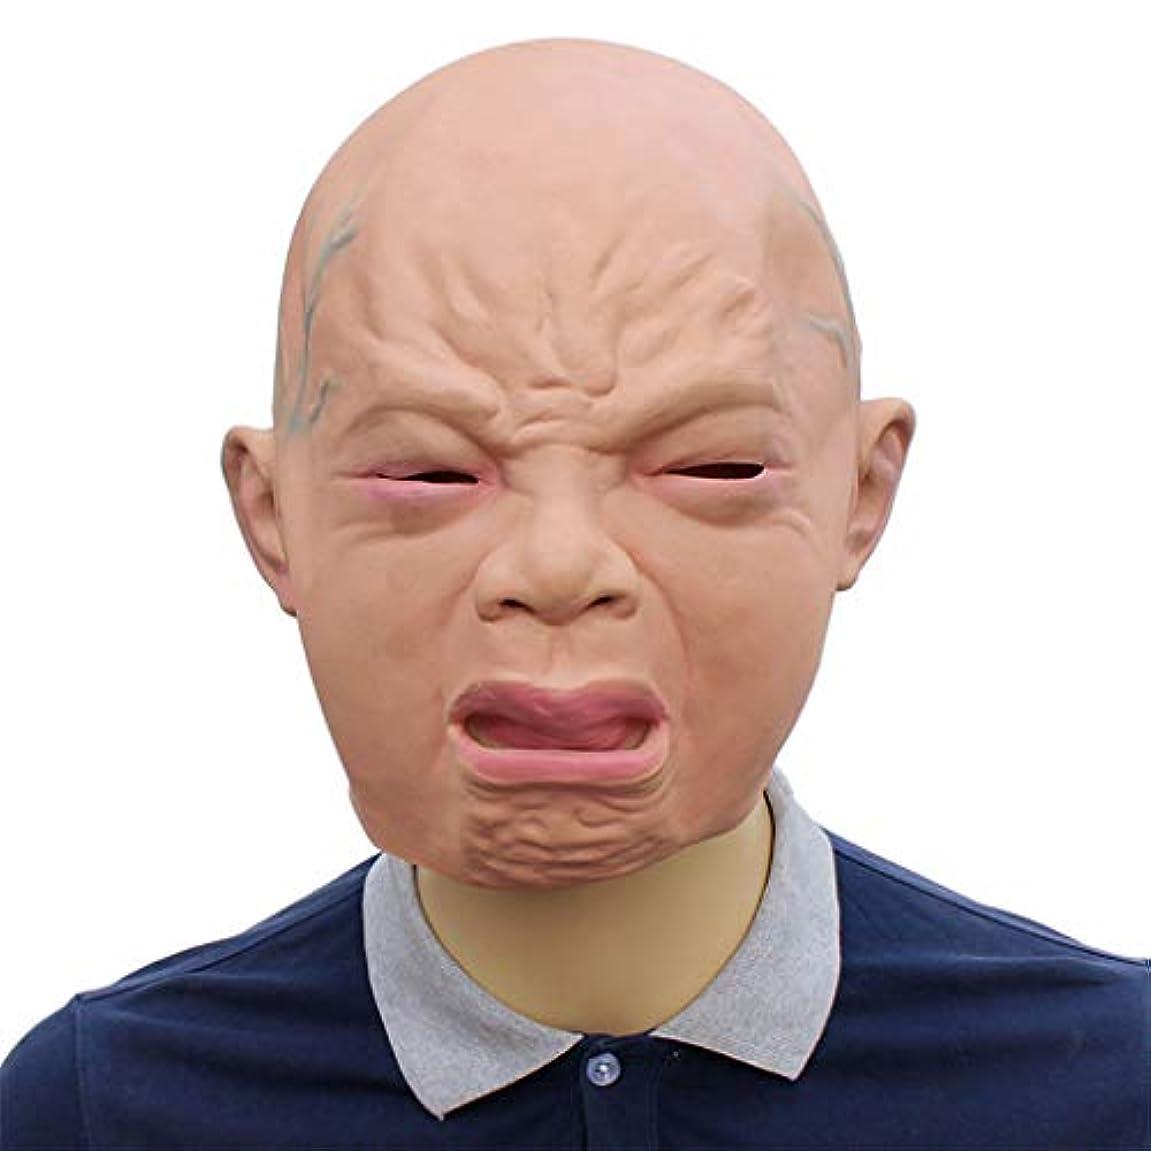 財産ペパーミント空中ハロウィンマスク、キャラクターマスク、ノベルティファニーラテックスリアルな泣き虫ベビーギア、ハロウィンイースターコスチュームコスプレ用